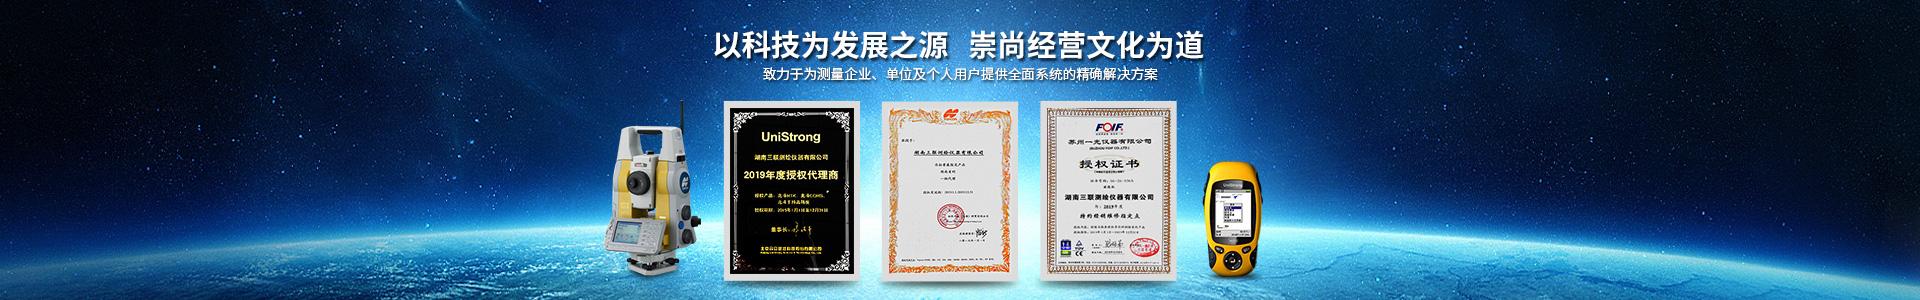 湖南测绘仪器销售_湖南三联测绘仪器有限公司